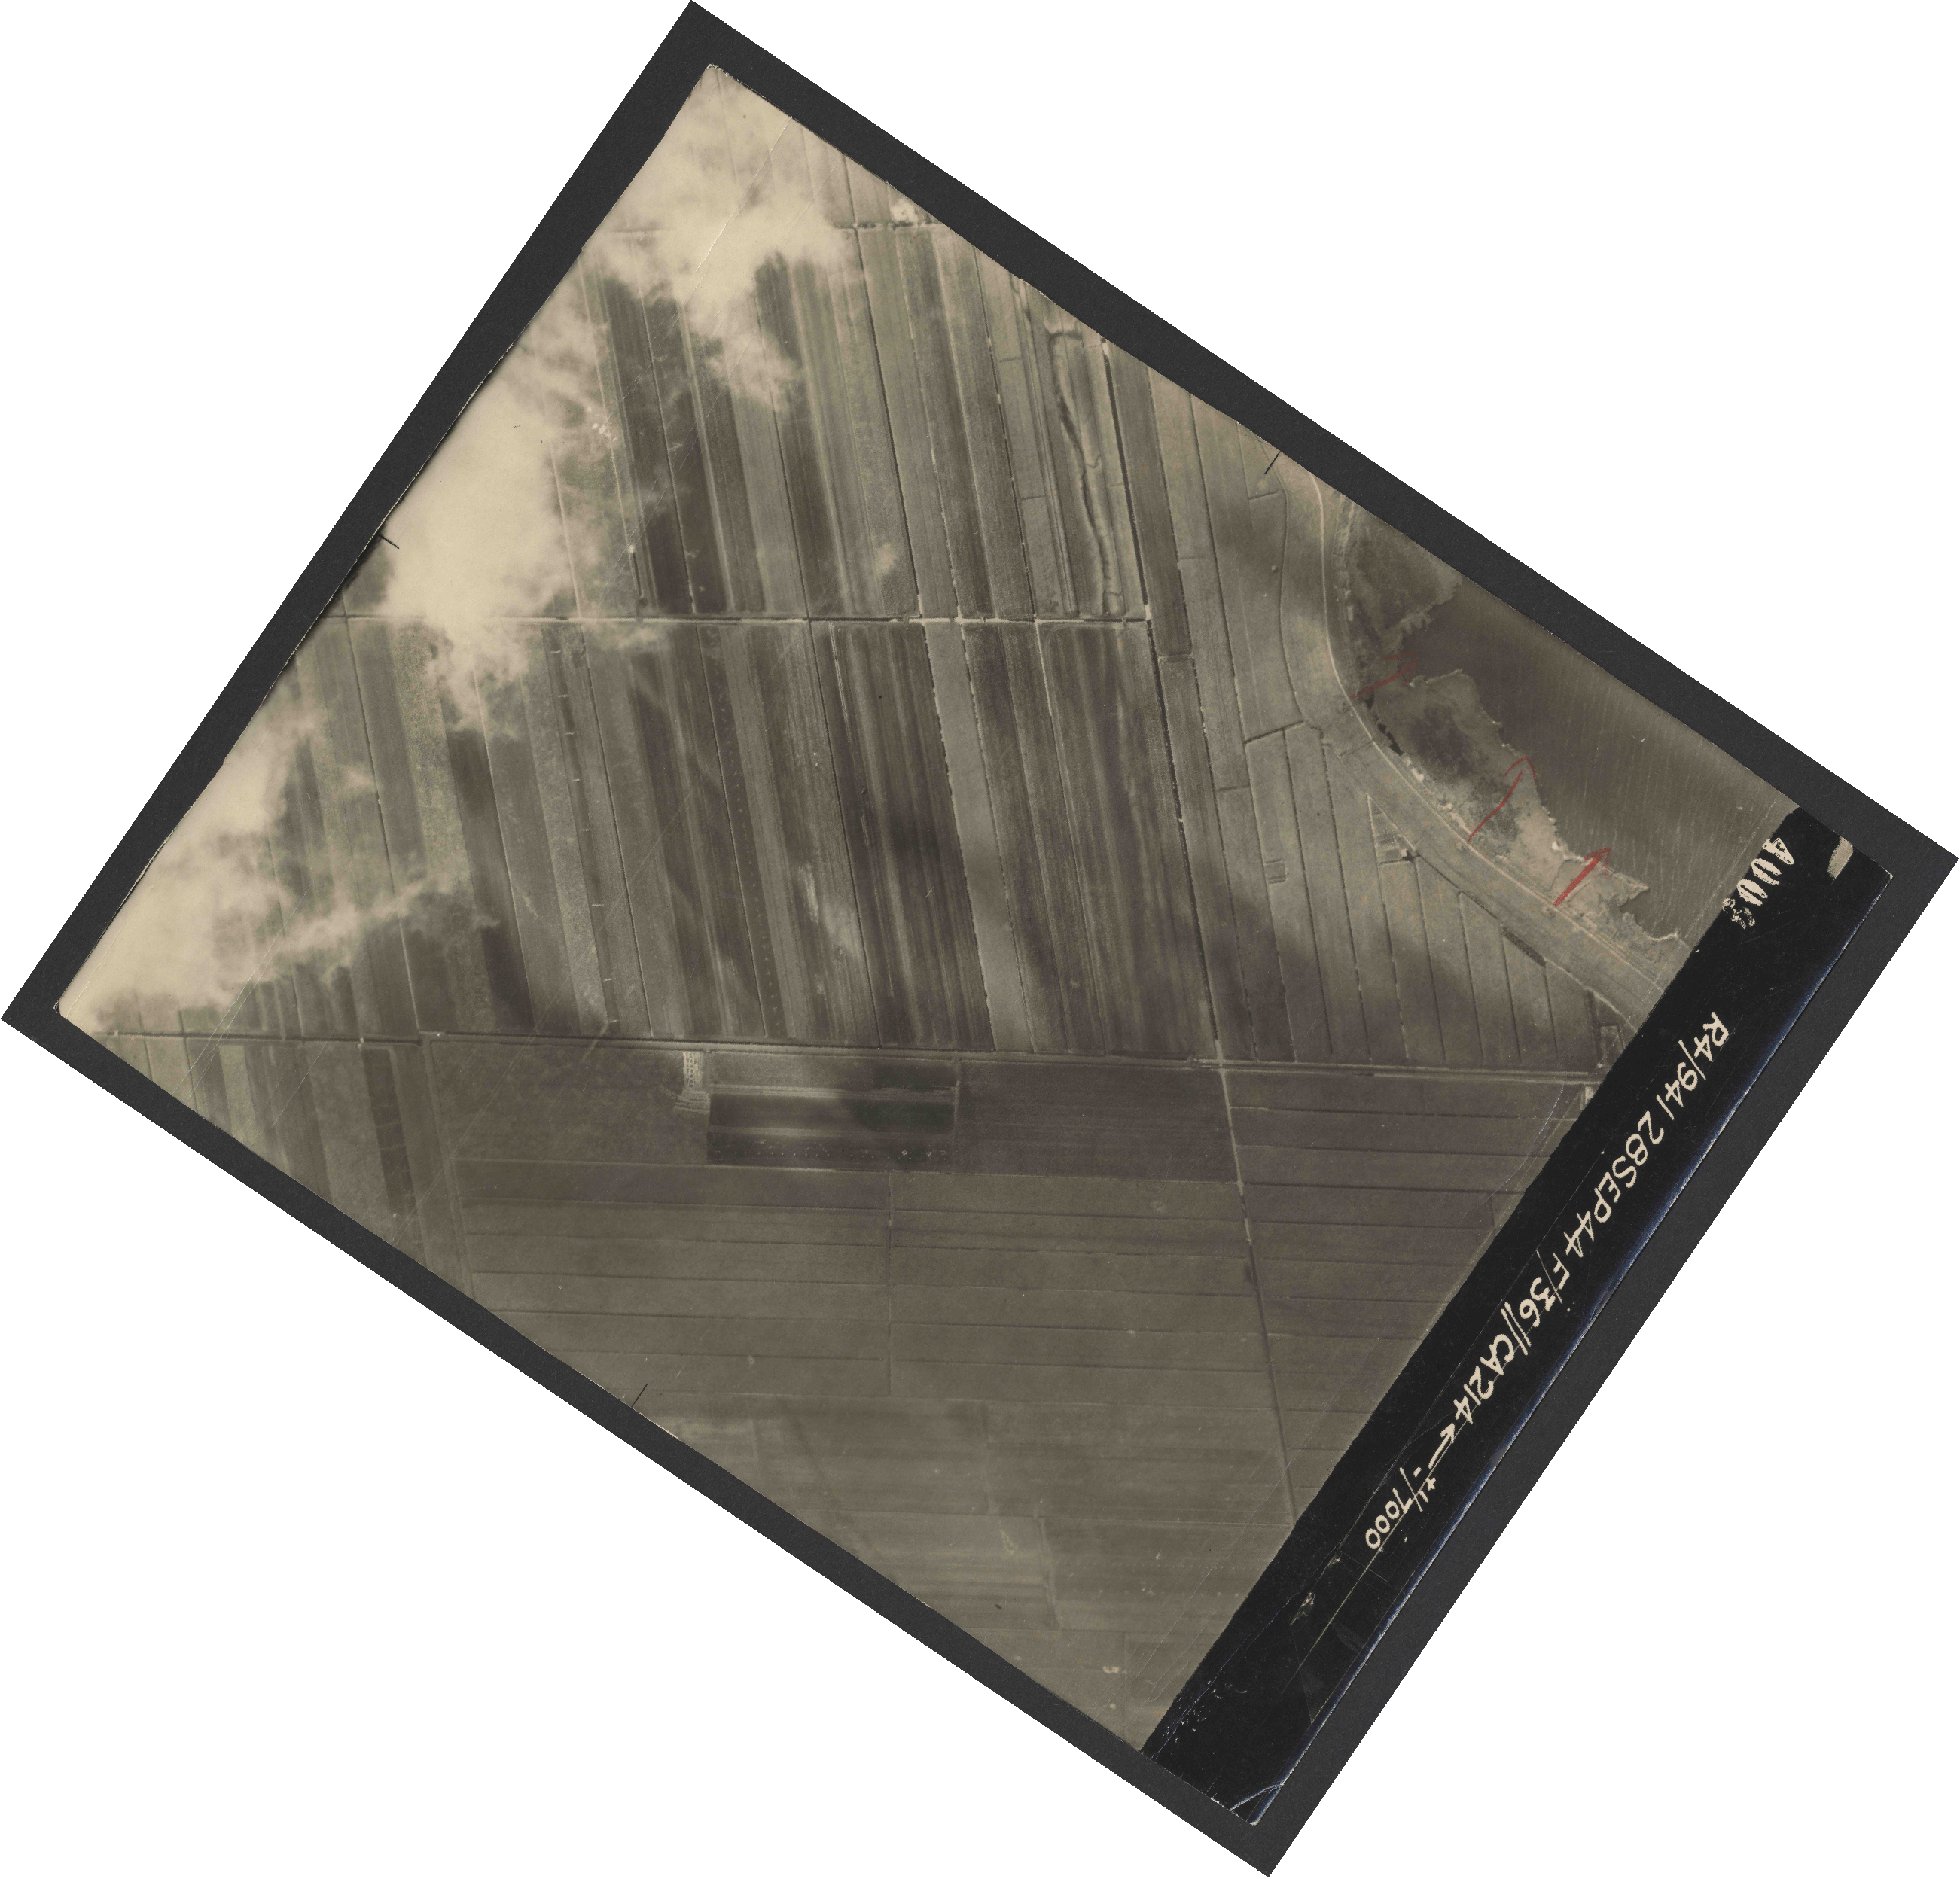 Collection RAF aerial photos 1940-1945 - flight 067, run 01, photo 4009